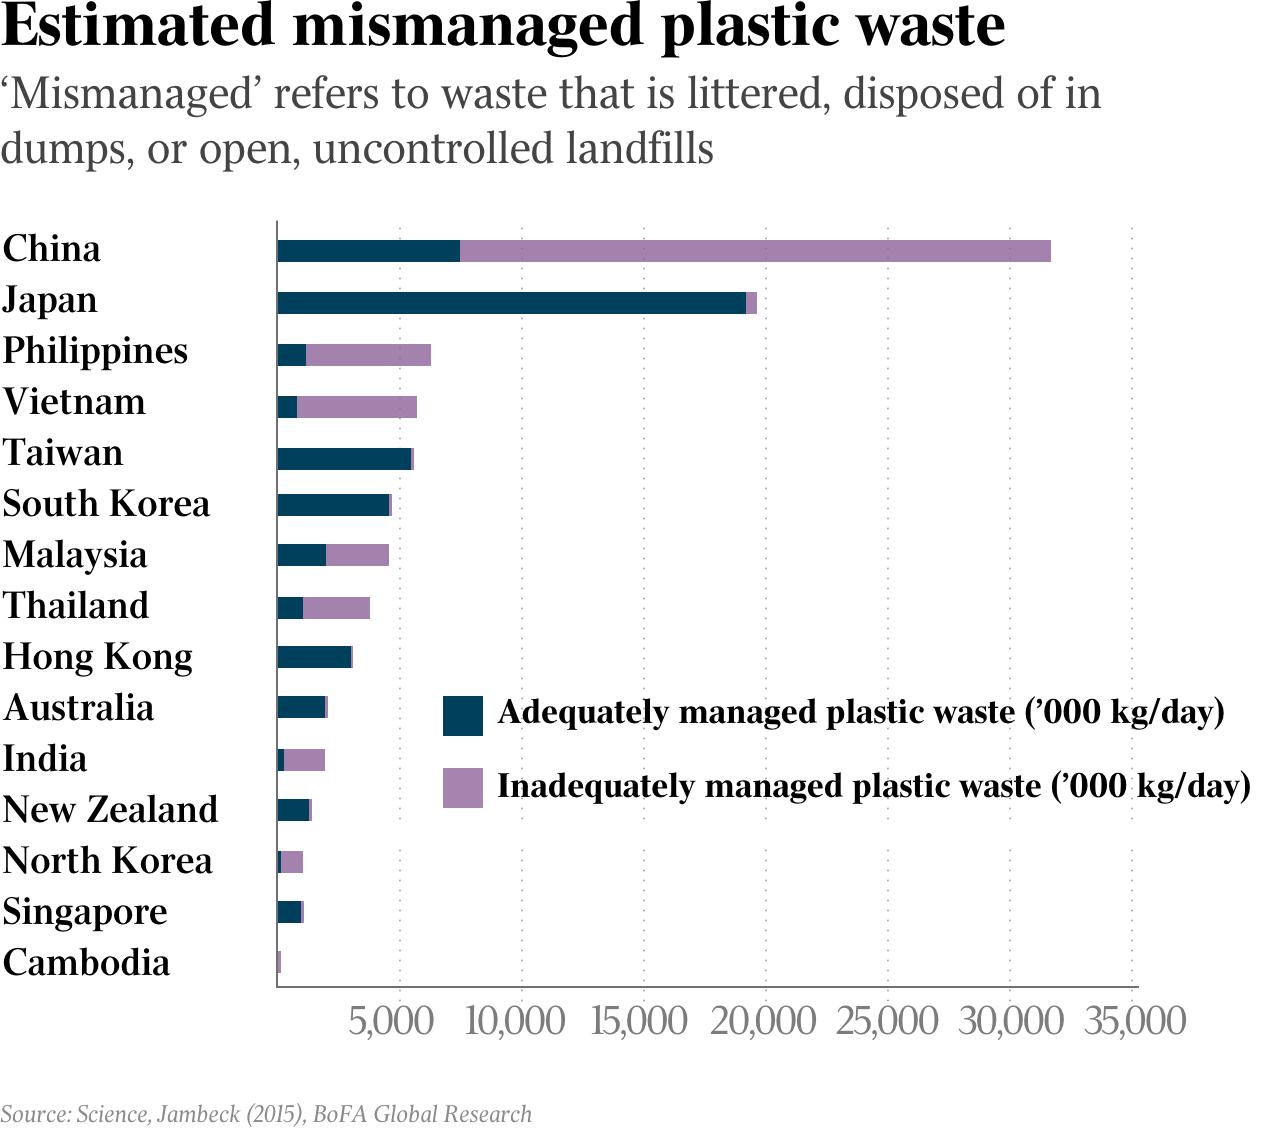 Estimated mismanaged plastic waste - 0